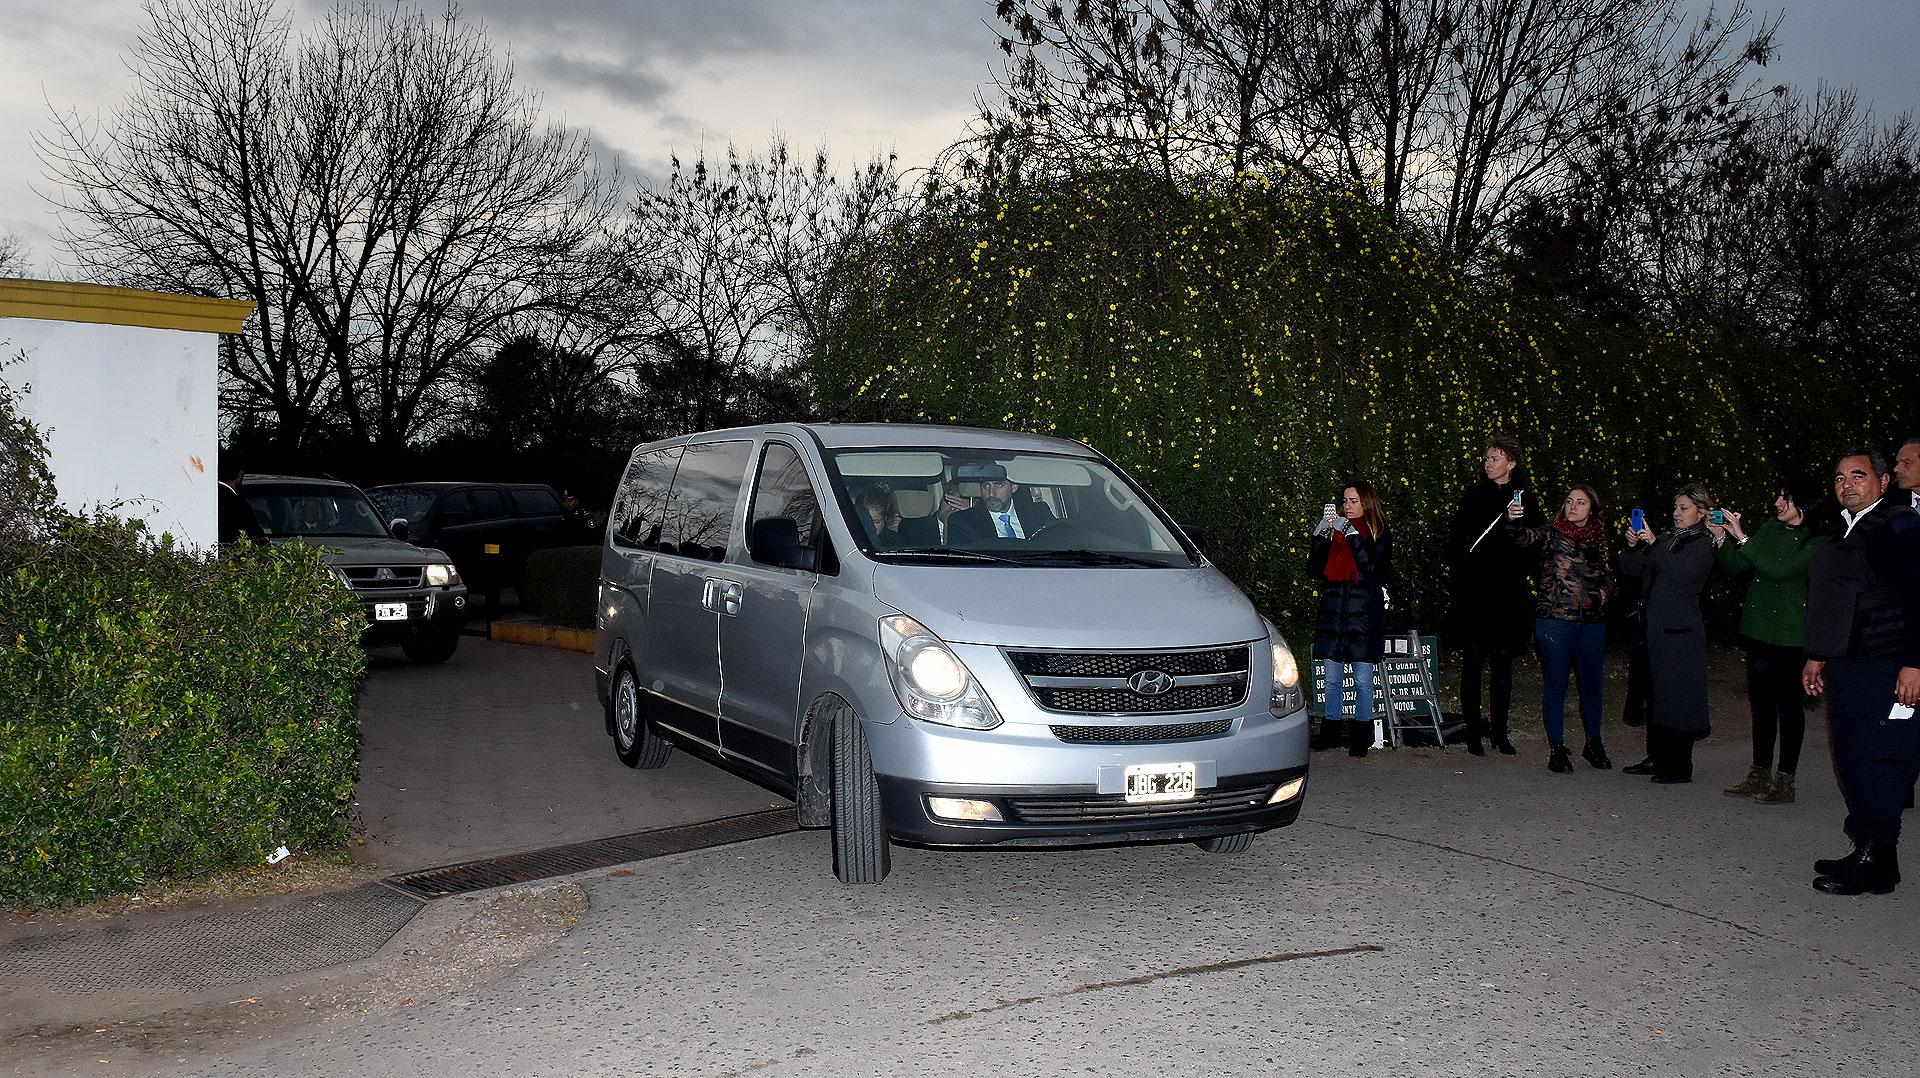 La reina de Holanda se retiró del cementerio en una camioneta blindada y acompañada por sus hijas.